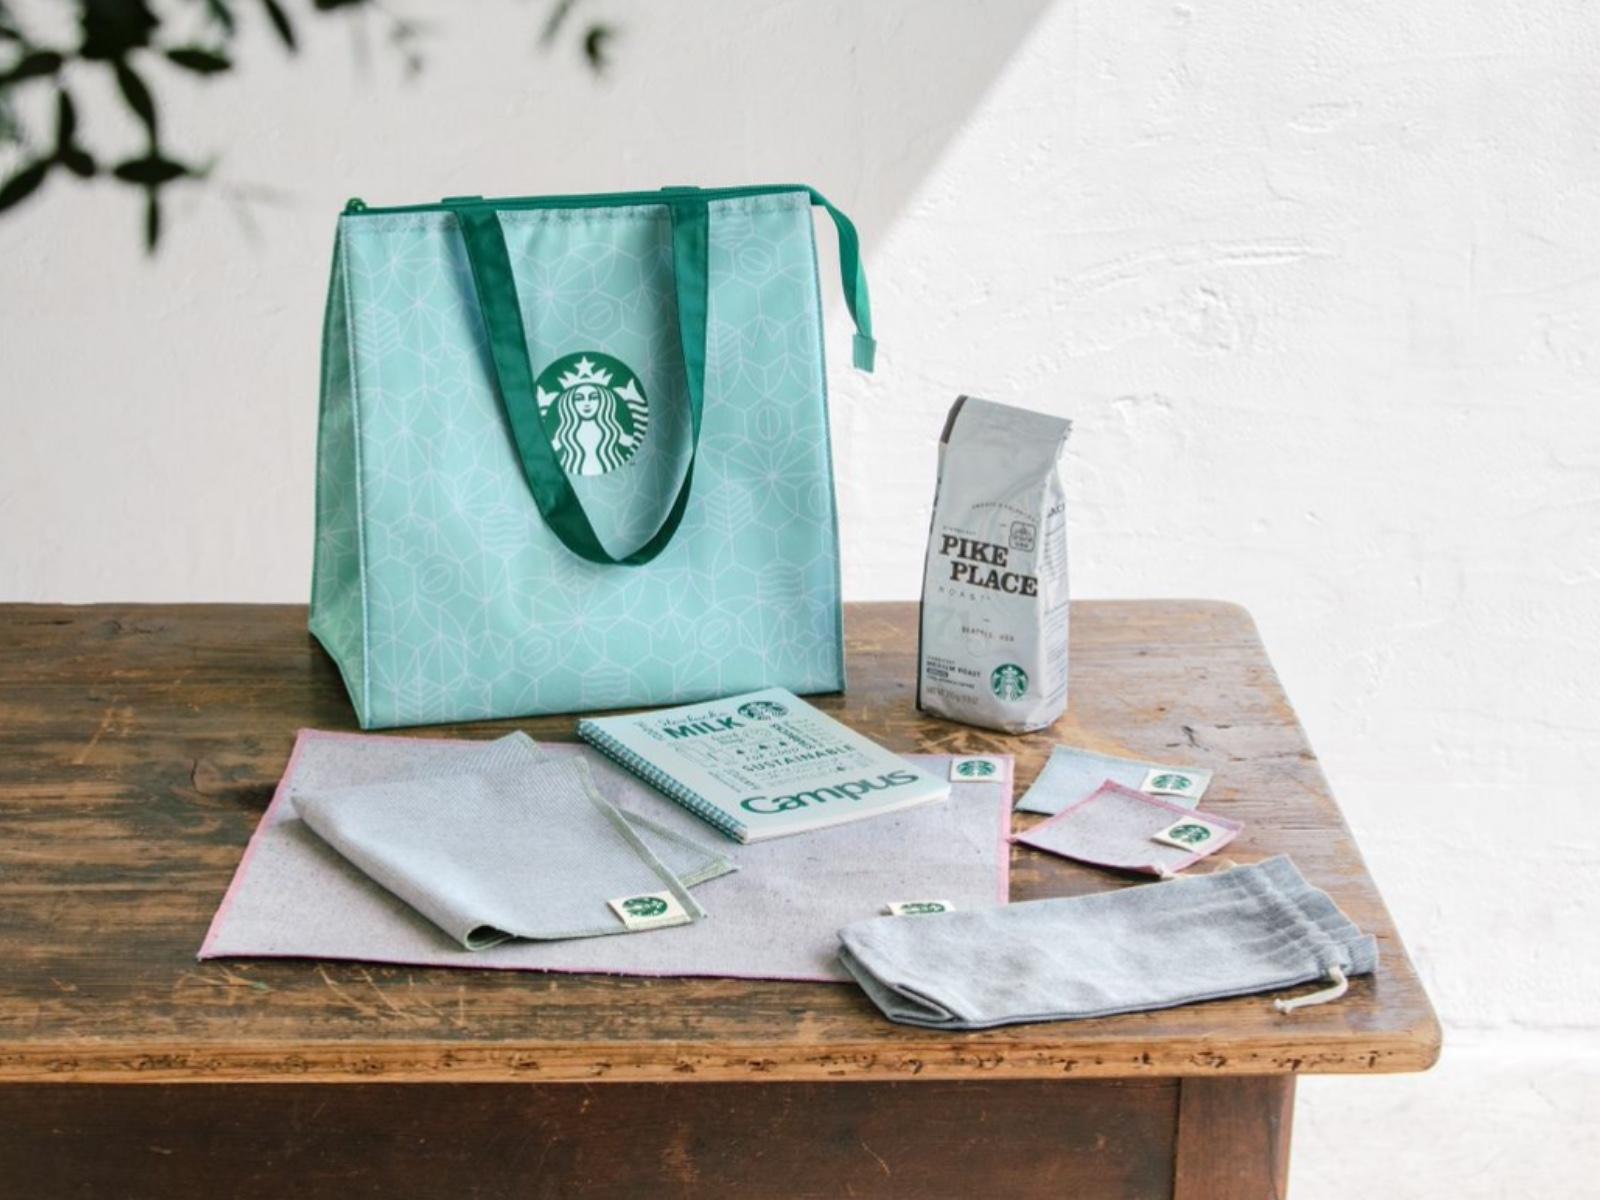 スターバックス日本上陸25周年を記念して、夏の福袋「Starbucks 25th Greener Coffee Set」を7000円で抽選販売受付中。~6/28。